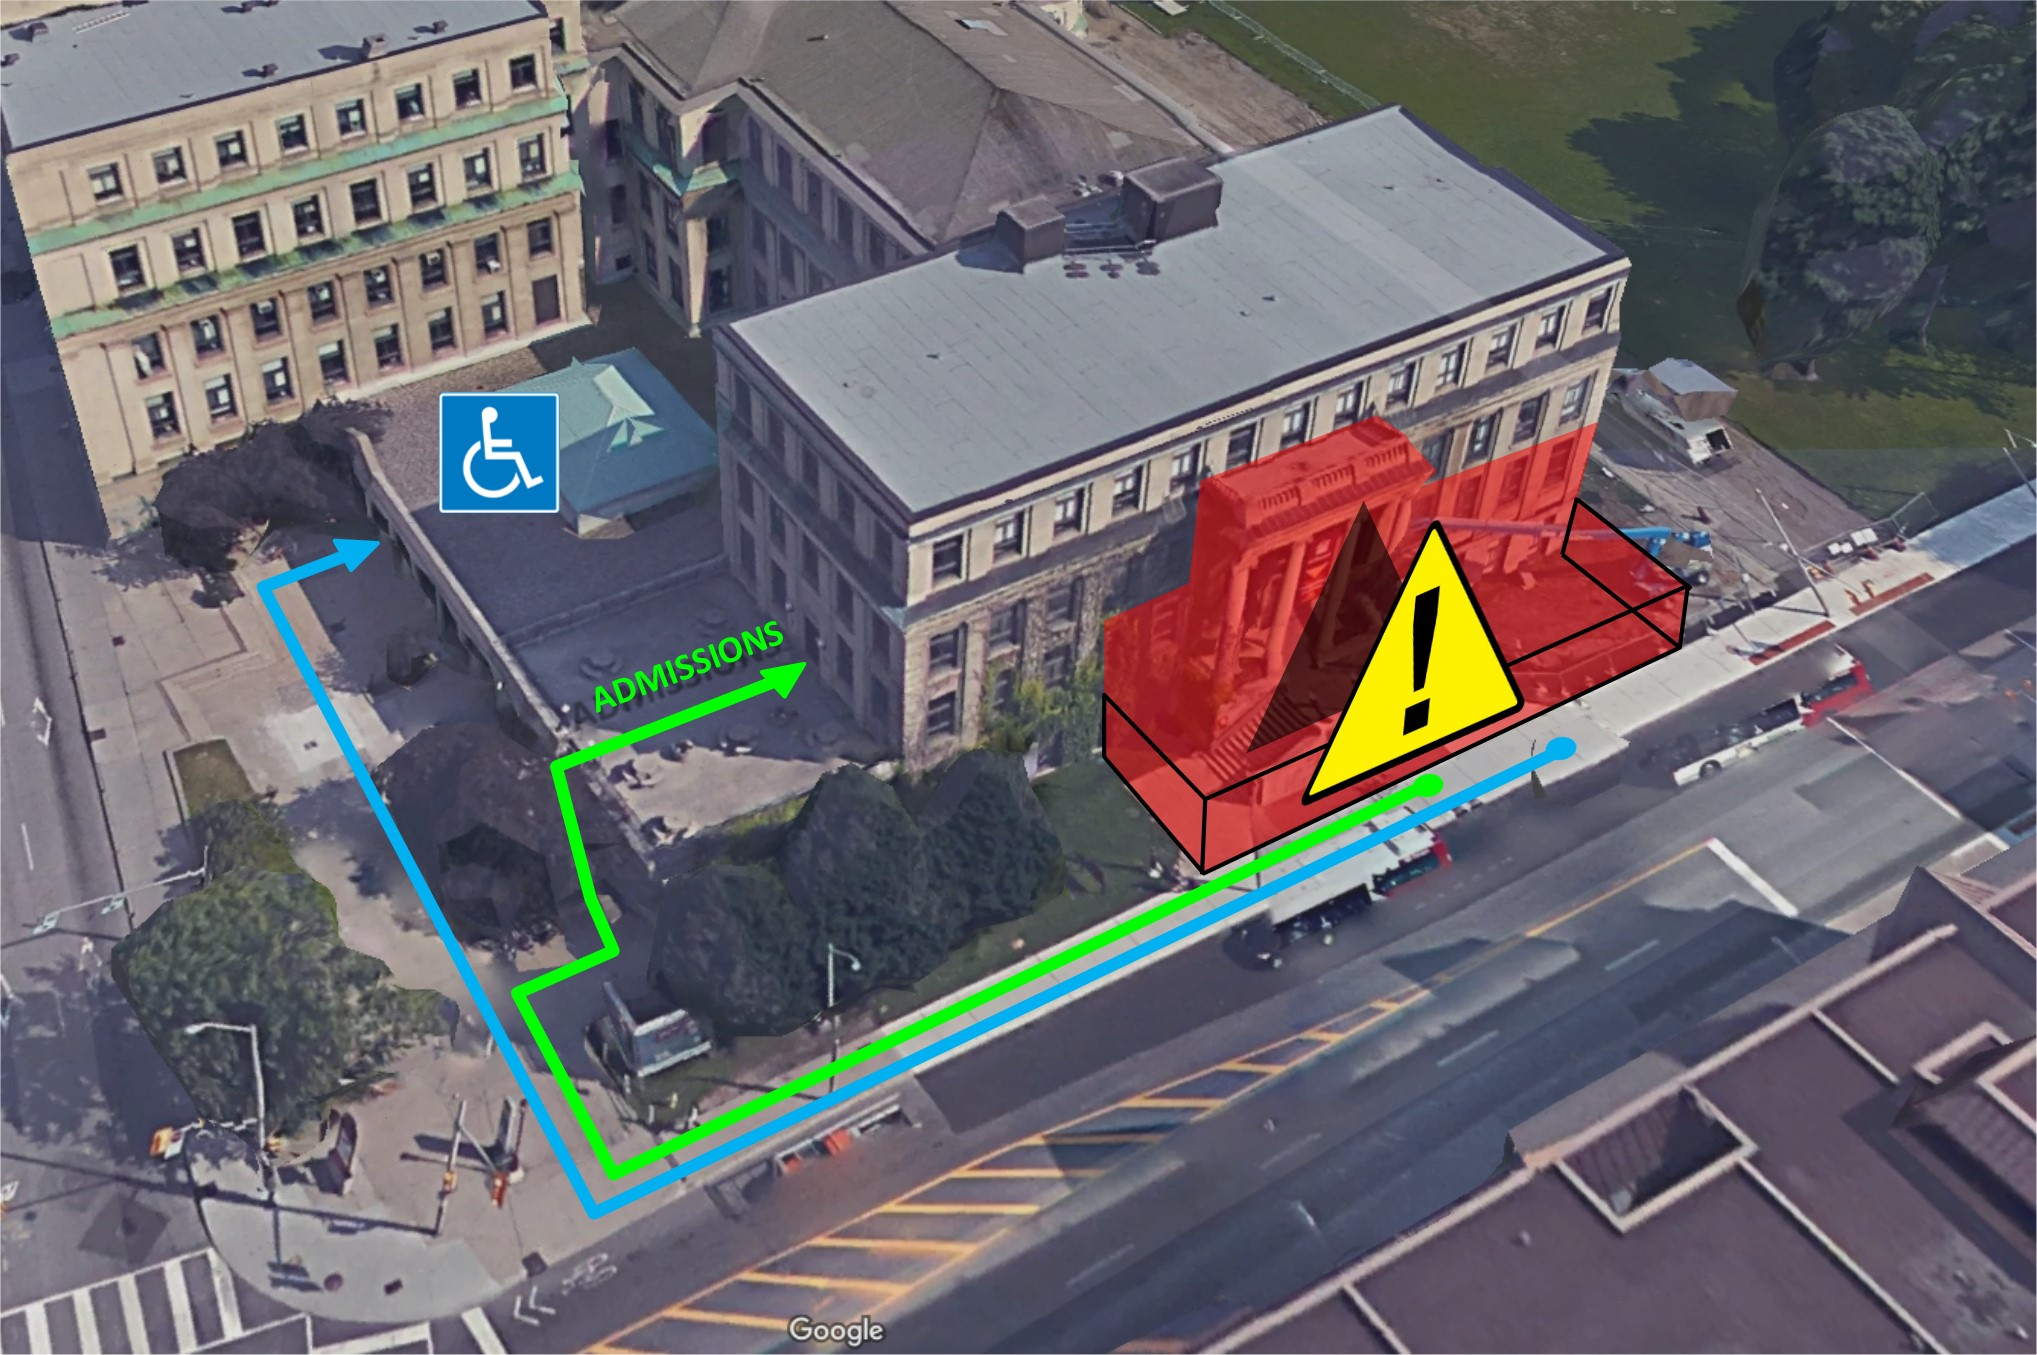 L'entrée de Tabaret qui donne sur Laurier sera inaccessible pour la durée des travaux; toutes les autres entrées resteront ouvertes, y compris l'entrée sur la terrasse supérieure et l'entrée accessible sur la rue Waller.